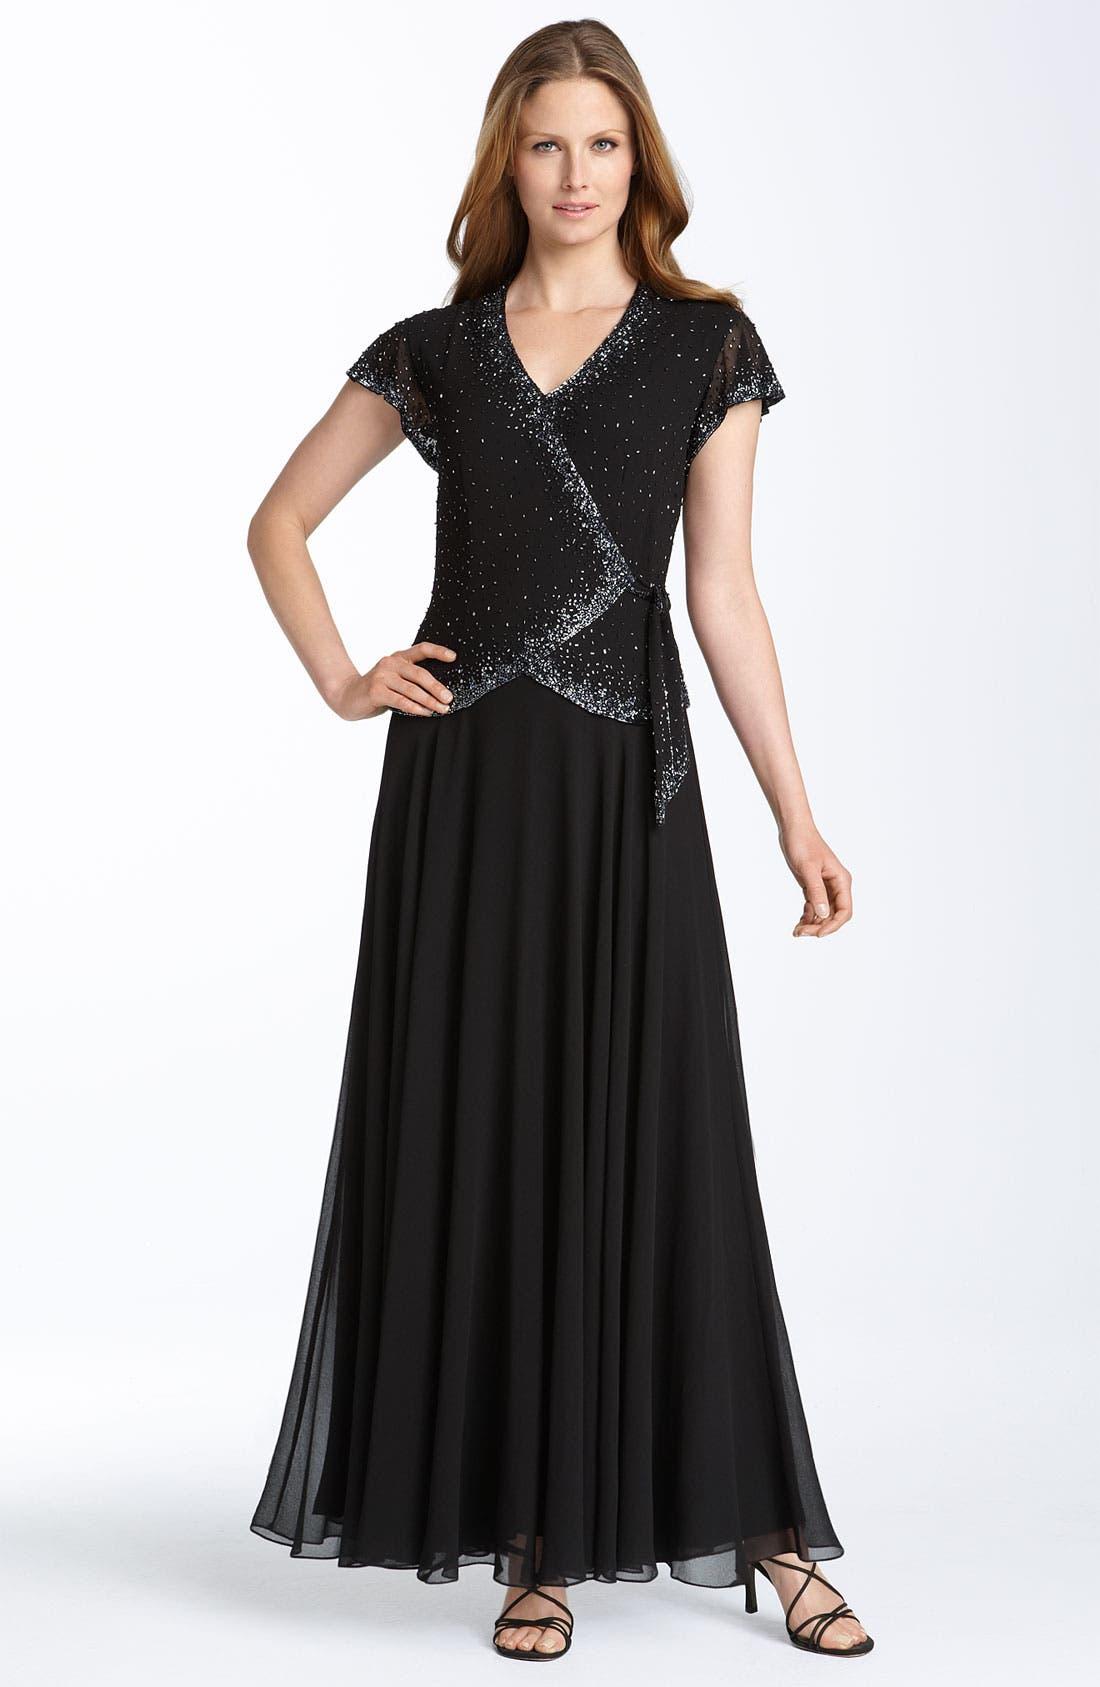 research j kara petite formal dresses